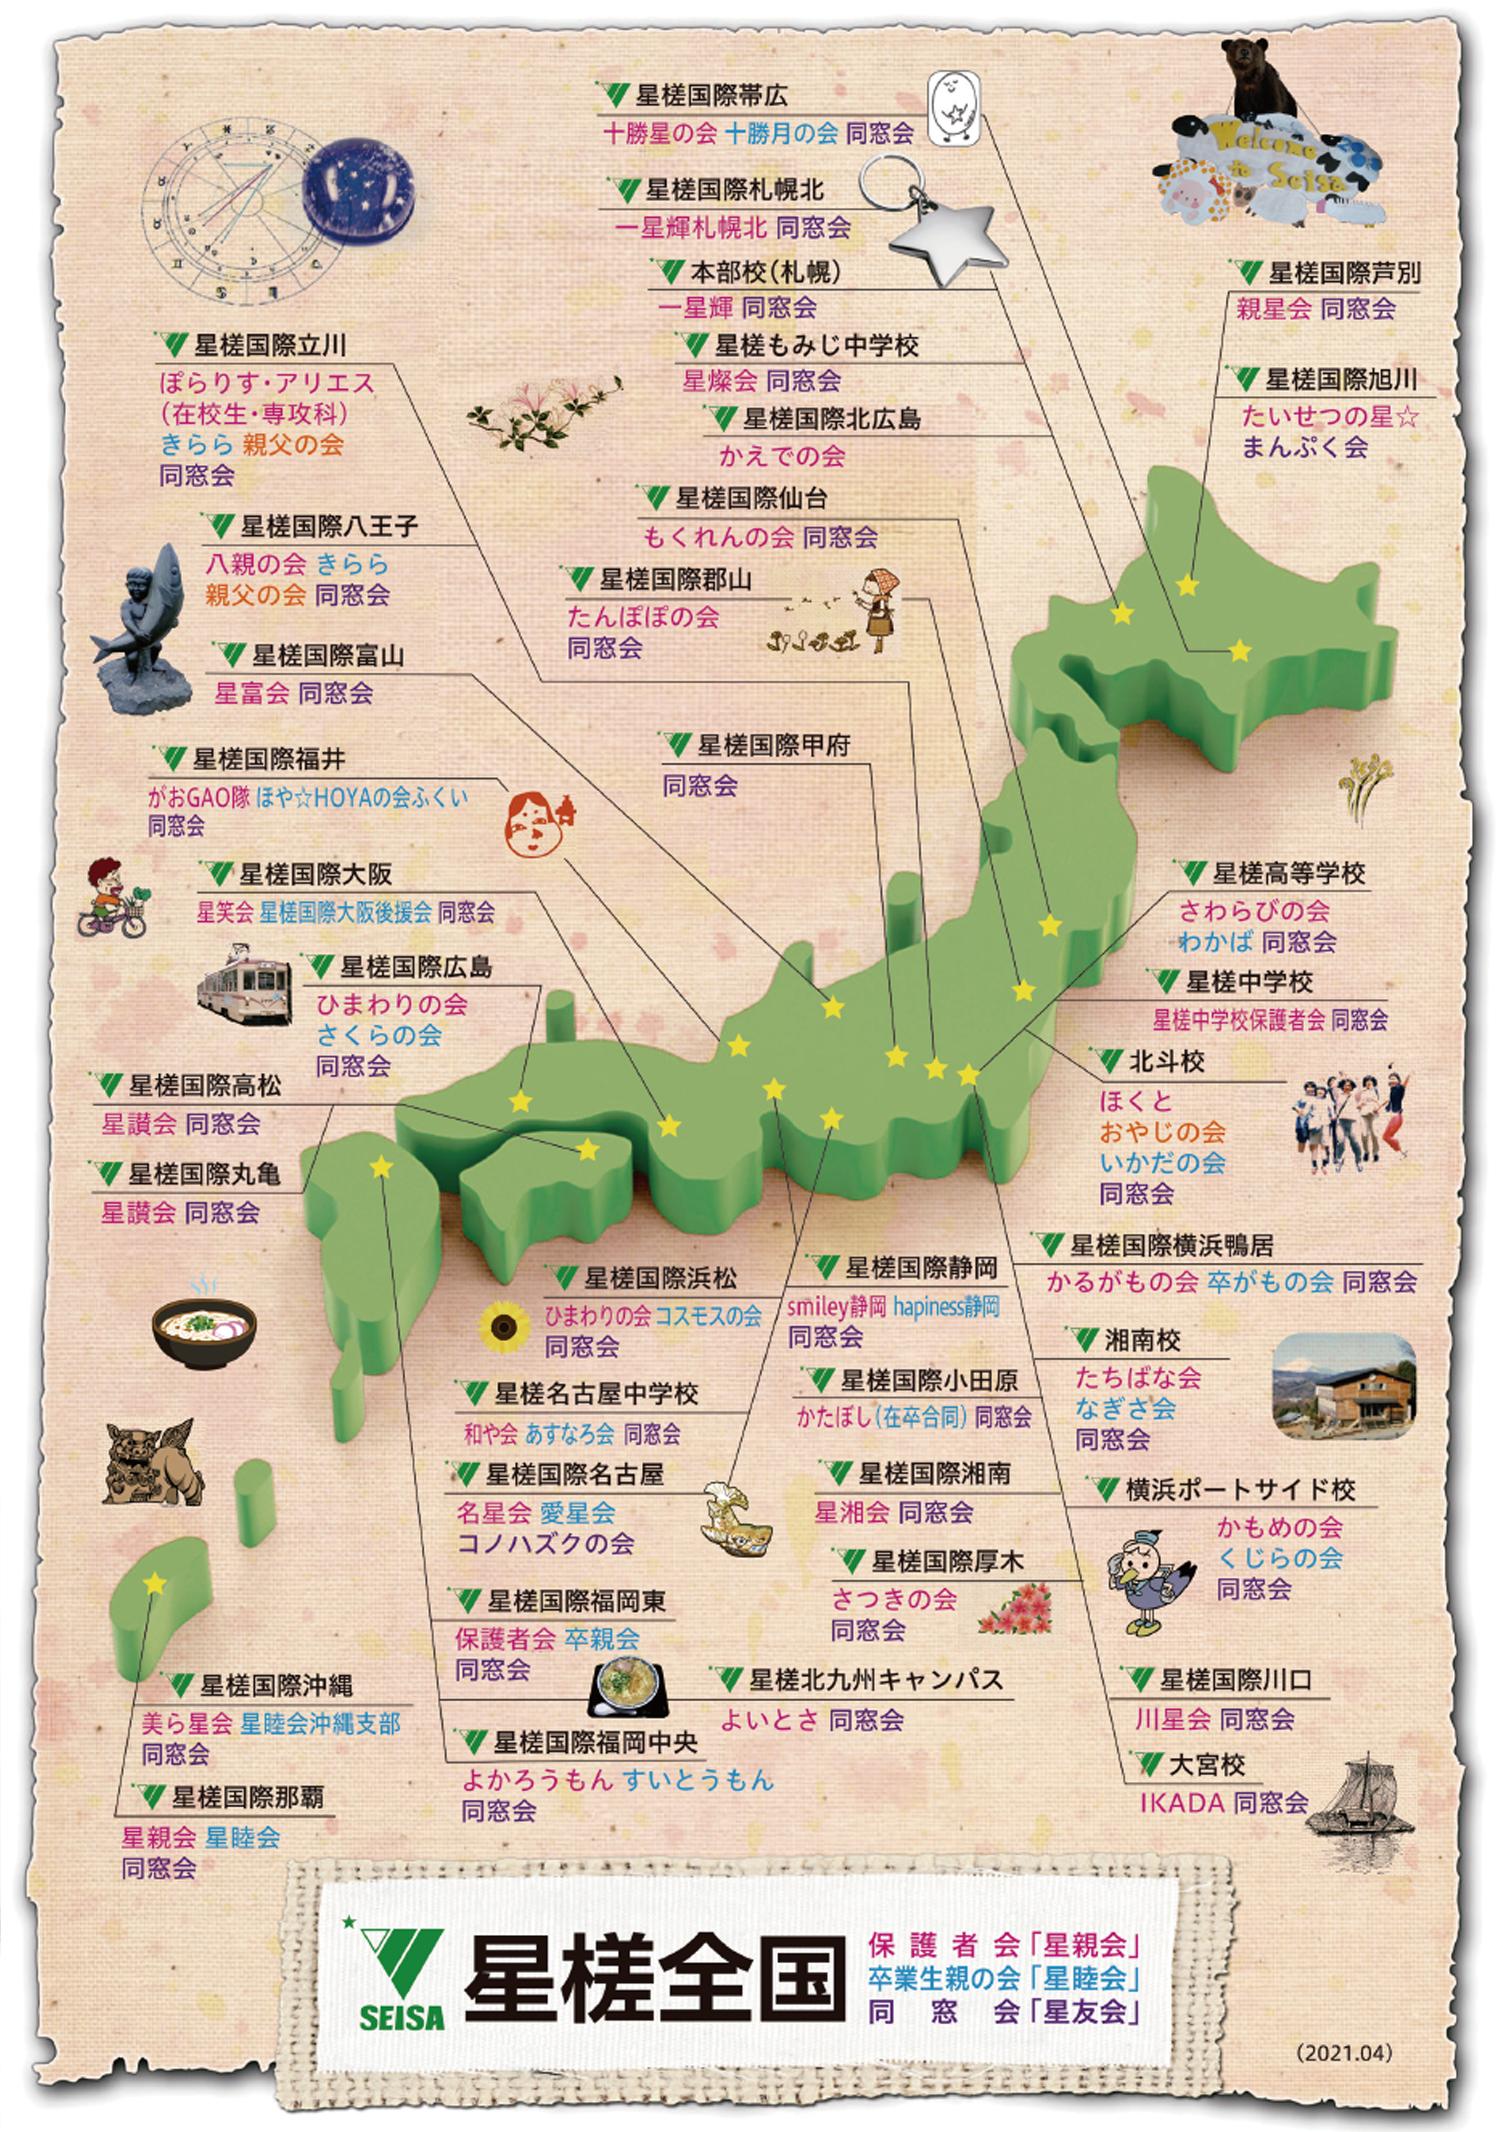 星槎グループ全国会構成マップ